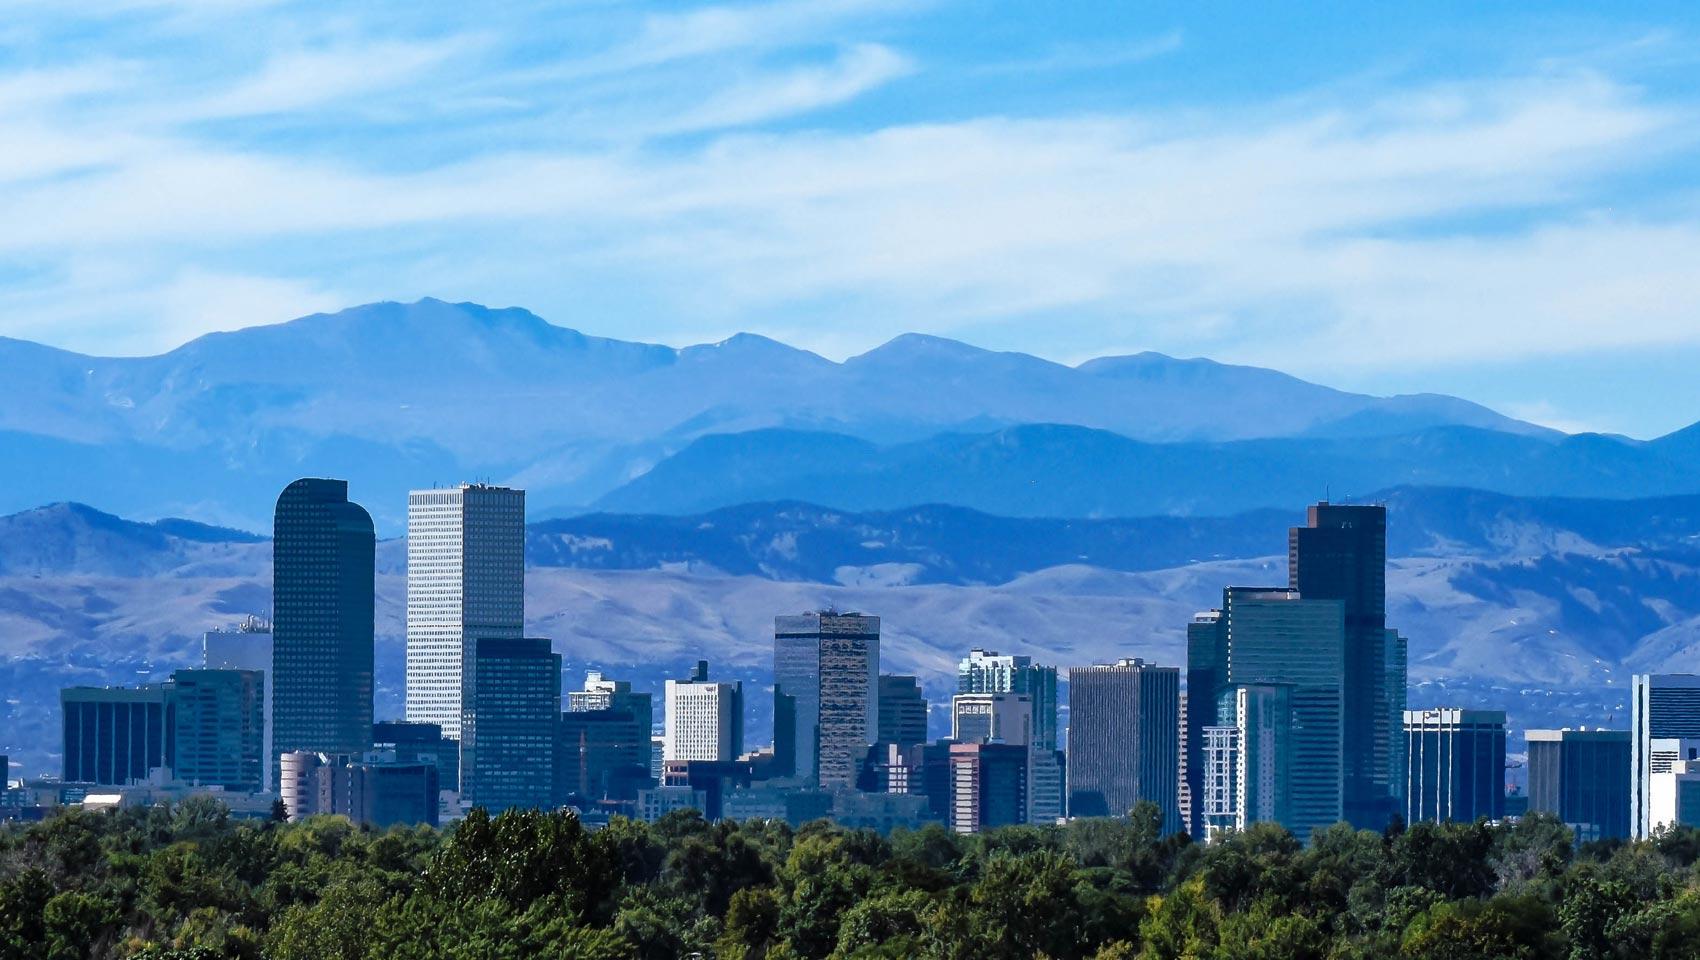 Biden administration ranks Denver #2 destination for Afghan refugees